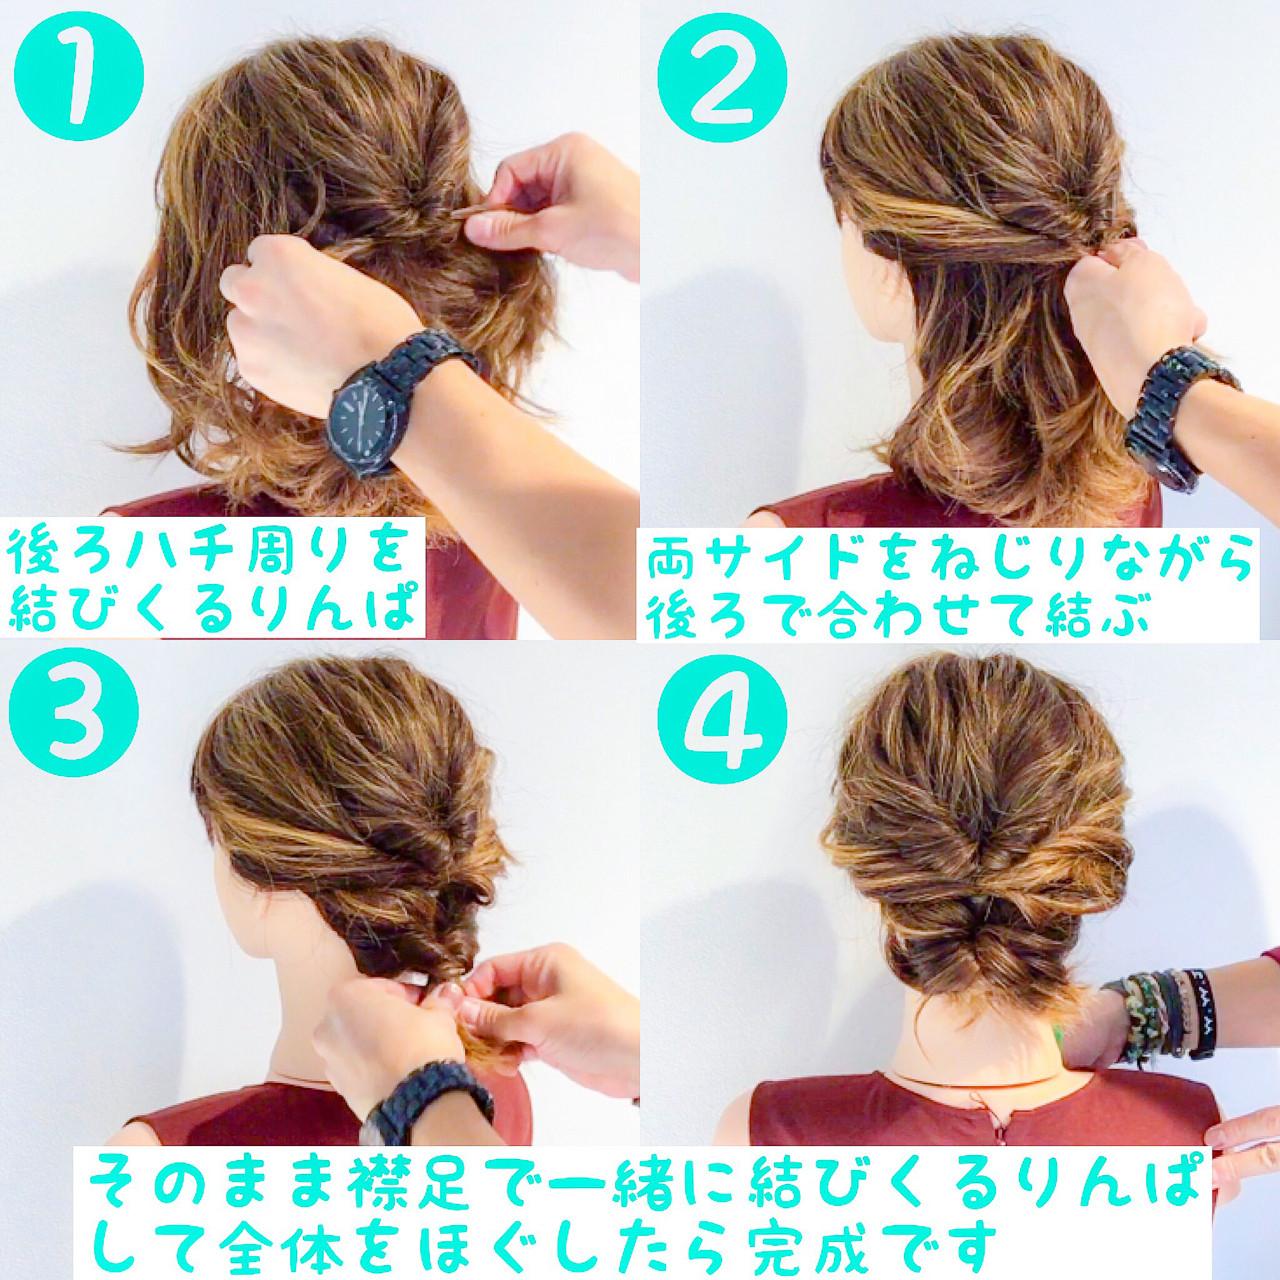 オフィス フェミニン ヘアアレンジ デート ヘアスタイルや髪型の写真・画像 | 美容師HIRO/Amoute代表 / Amoute/アムティ